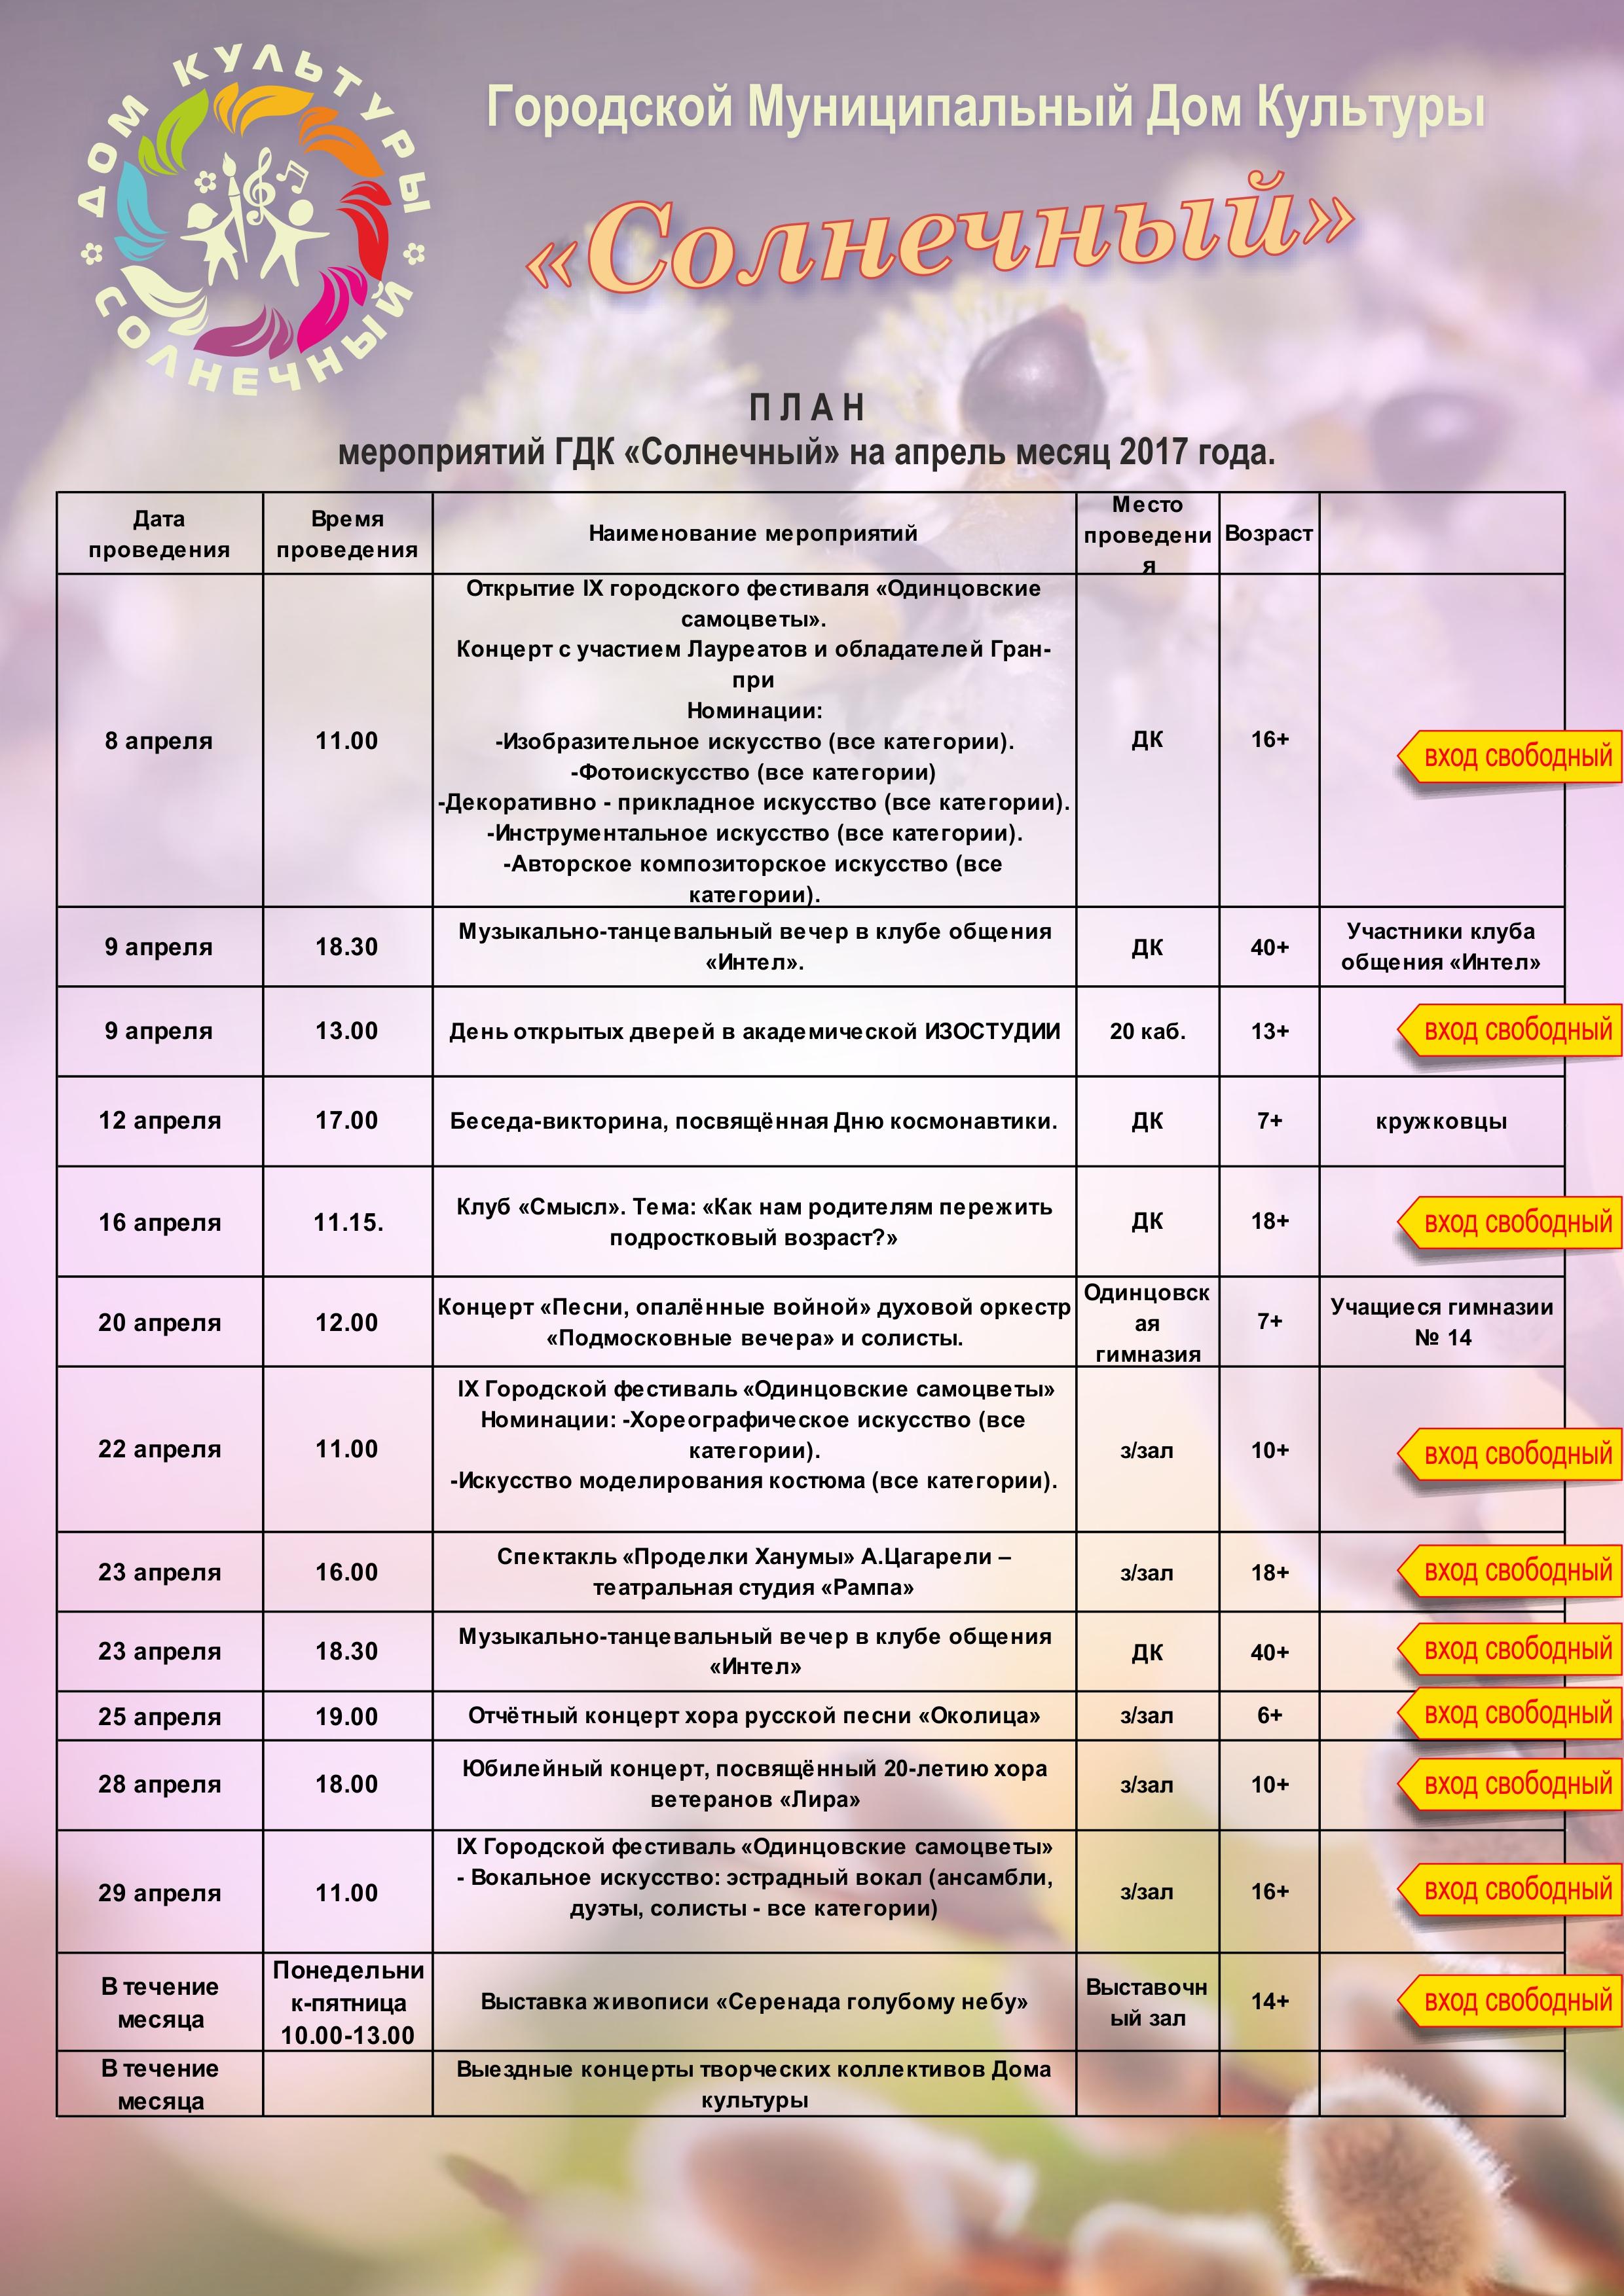 План мероприятий на апрель 2017